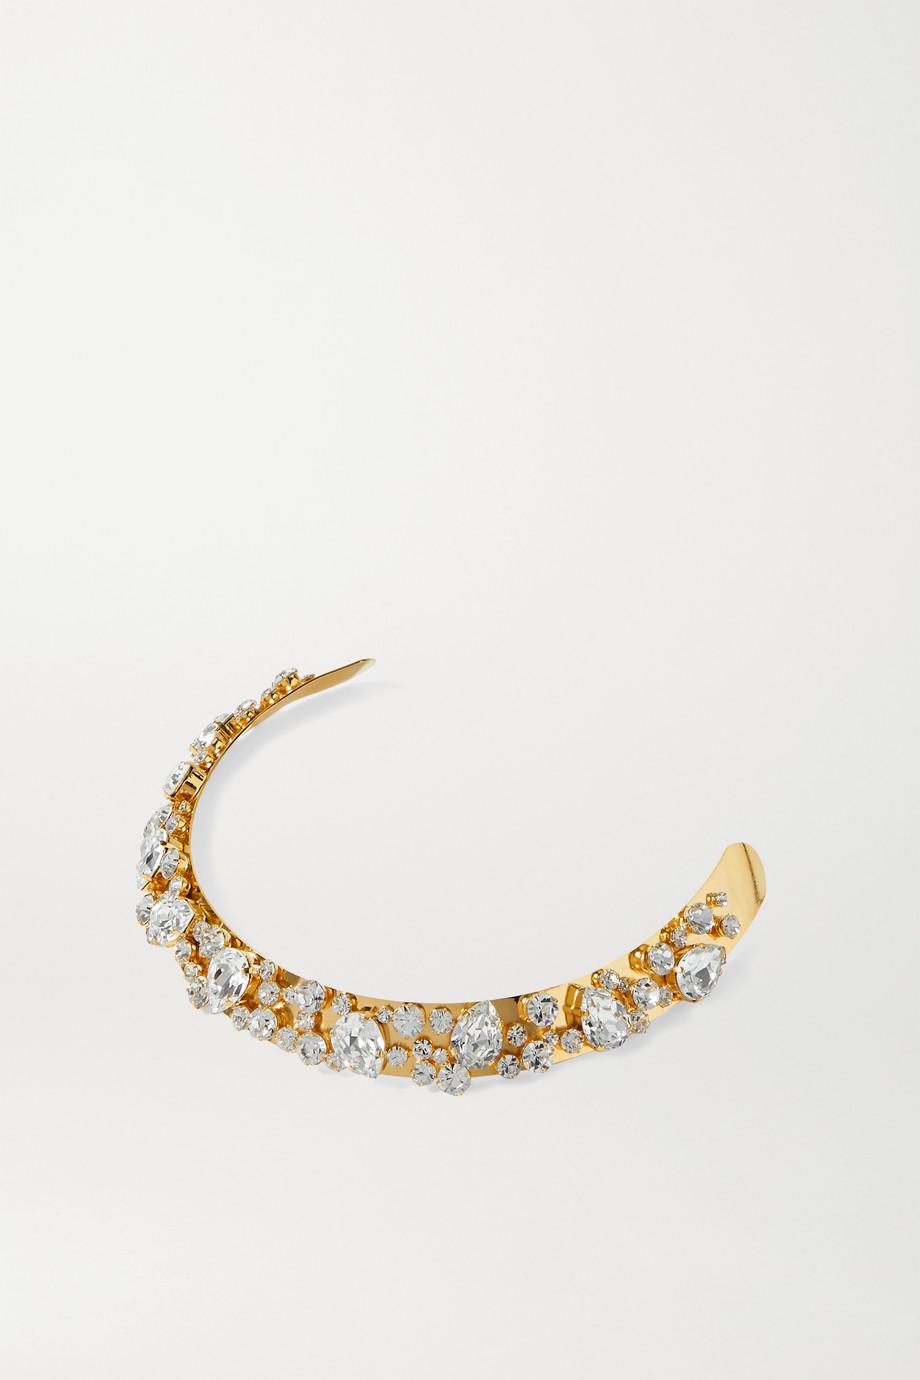 LELET NY Kiera gold-tone crystal headband